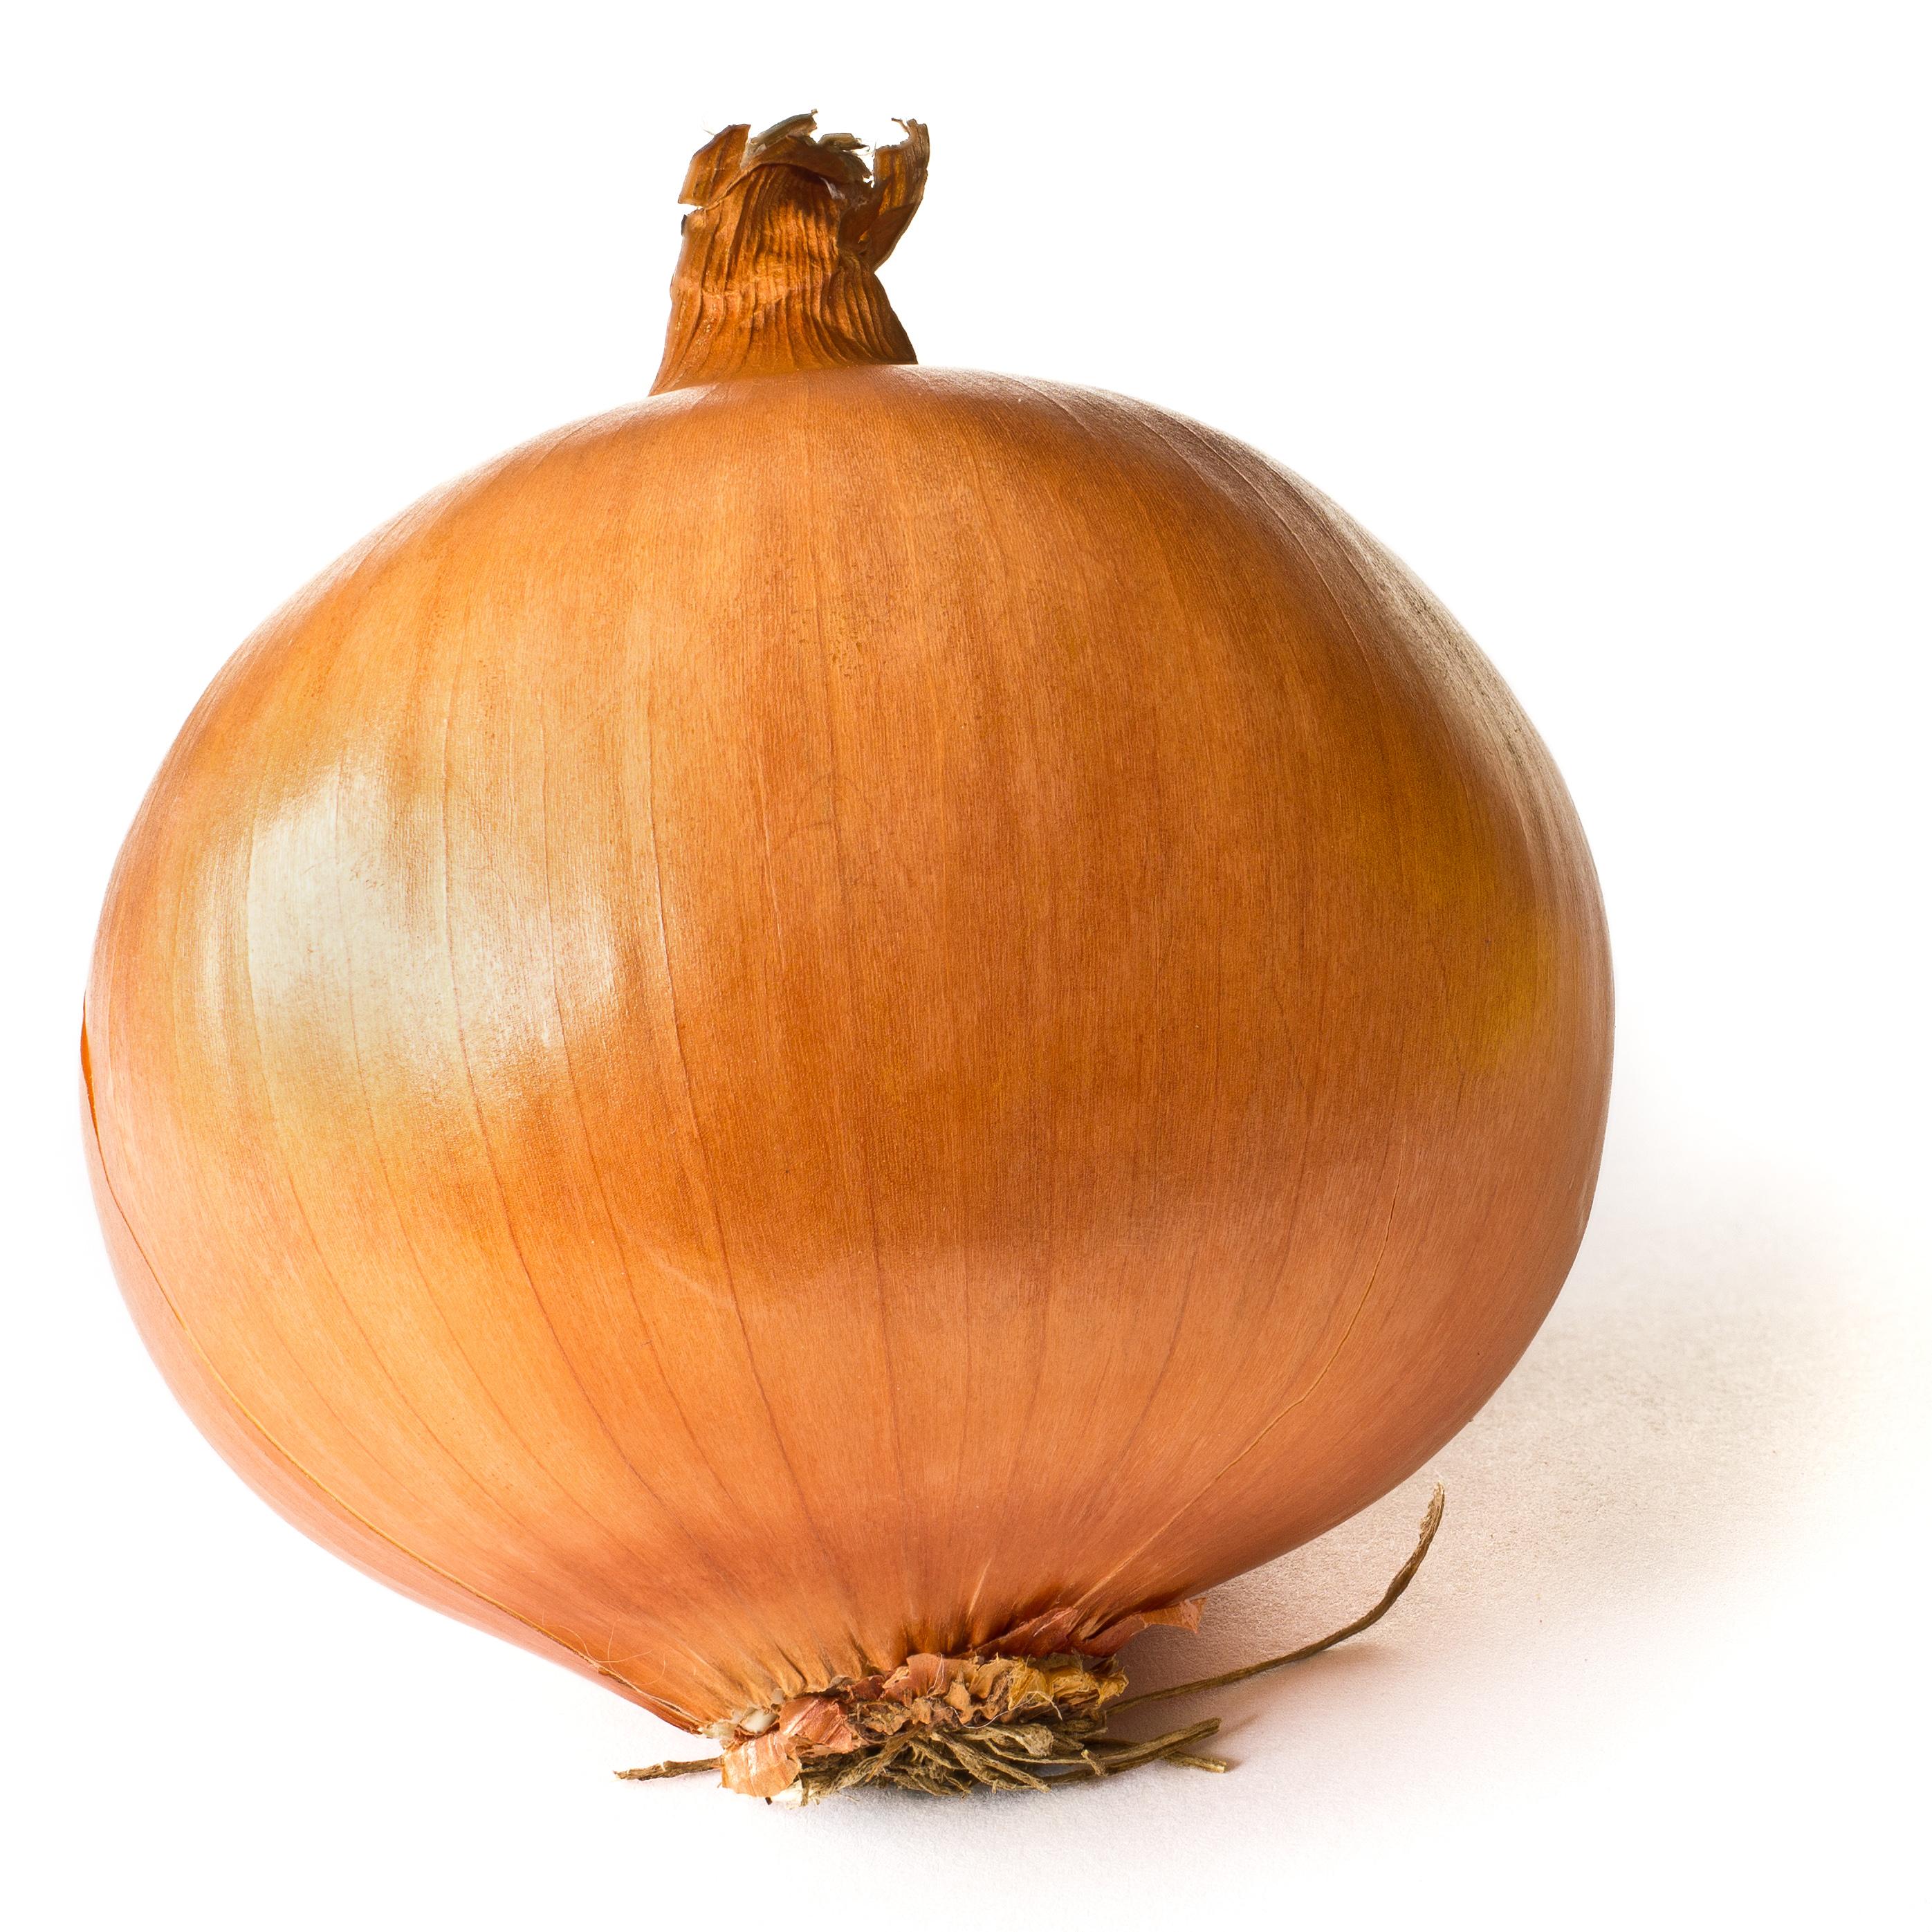 Yellow onion - Wikipedia